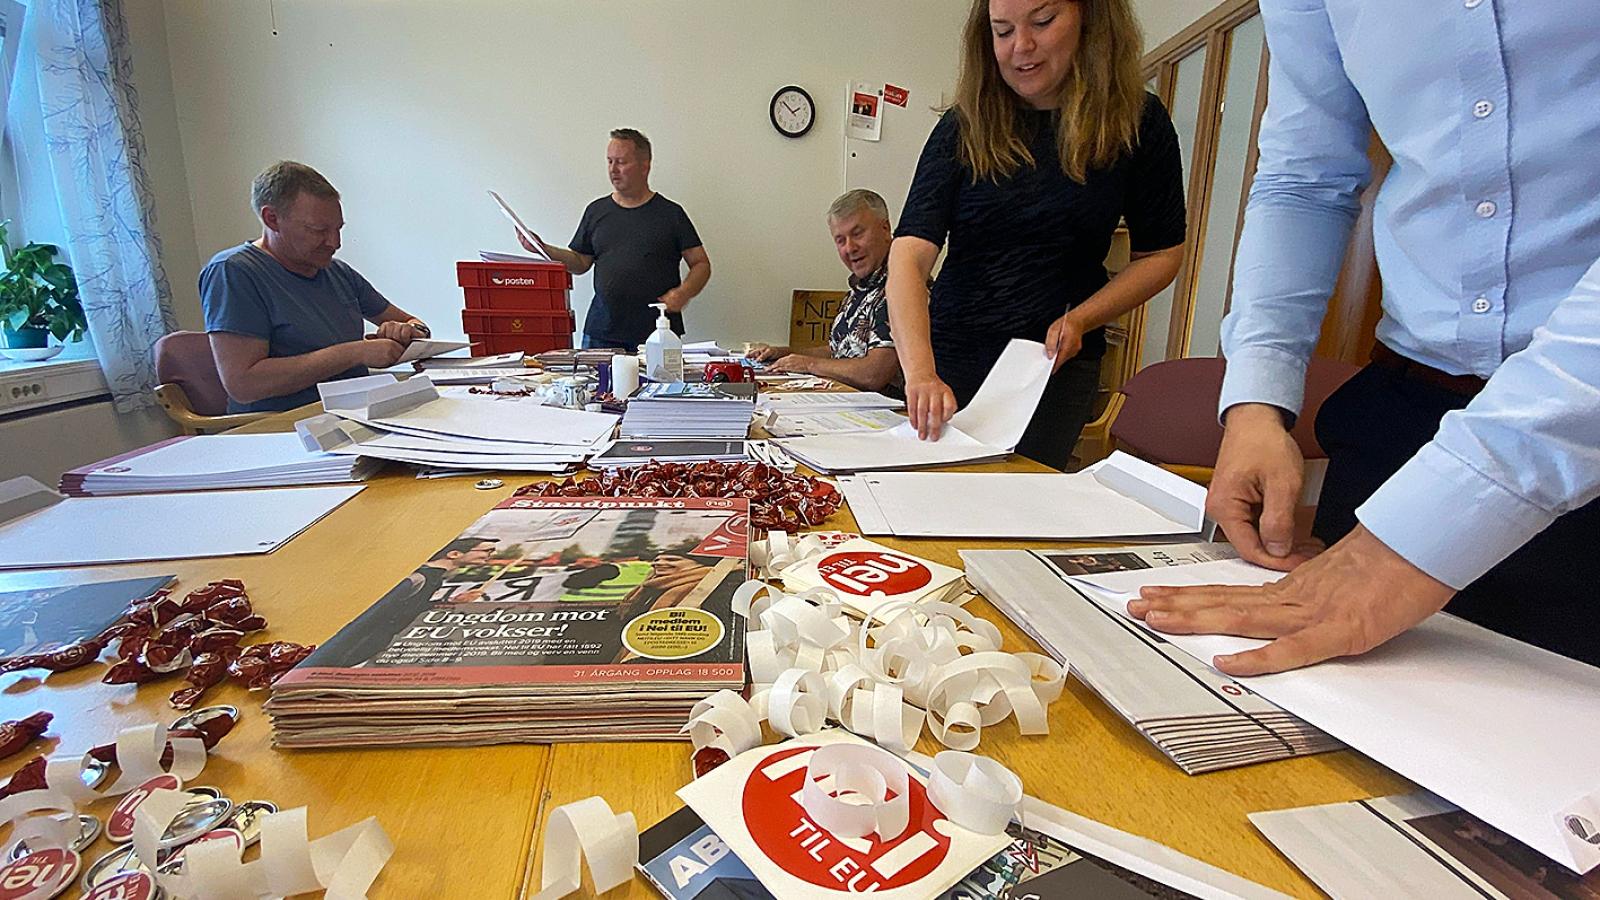 Marte Gjestvang Olimb og resten av staben pakkar 600 velkomstpakkar til nye medlemer.